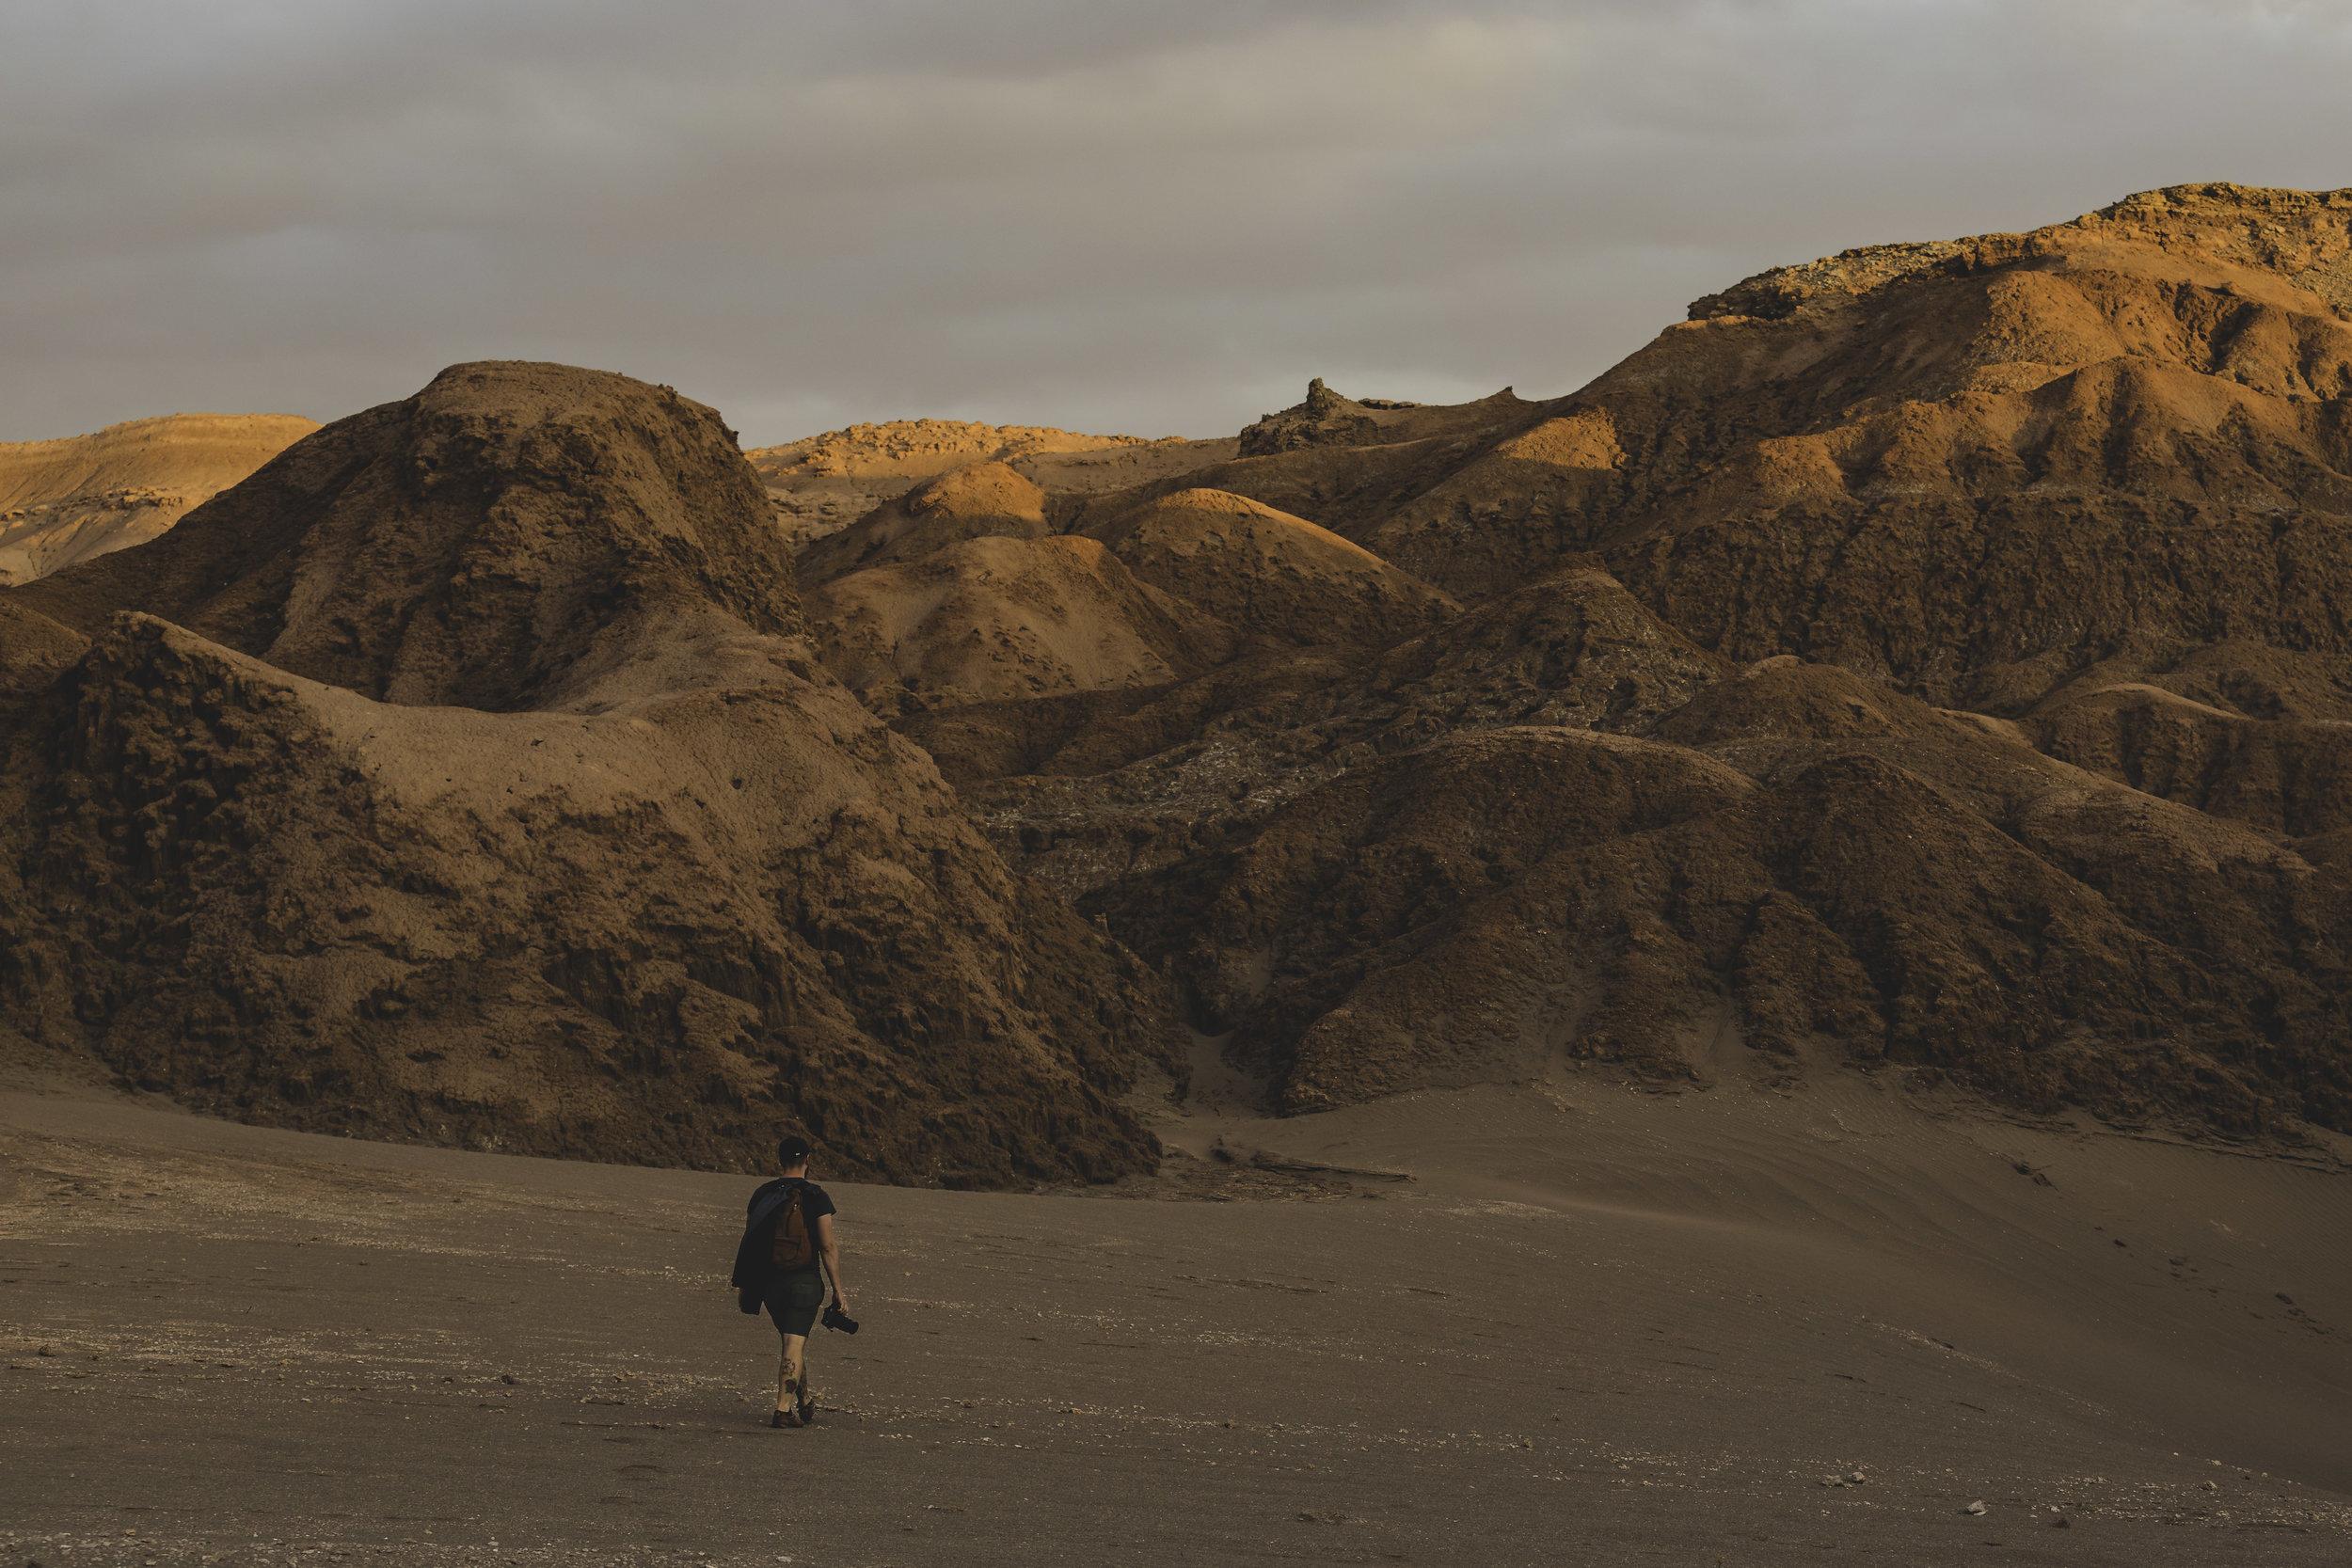 Brian in Valley de la luna, San Pedro de Atacama